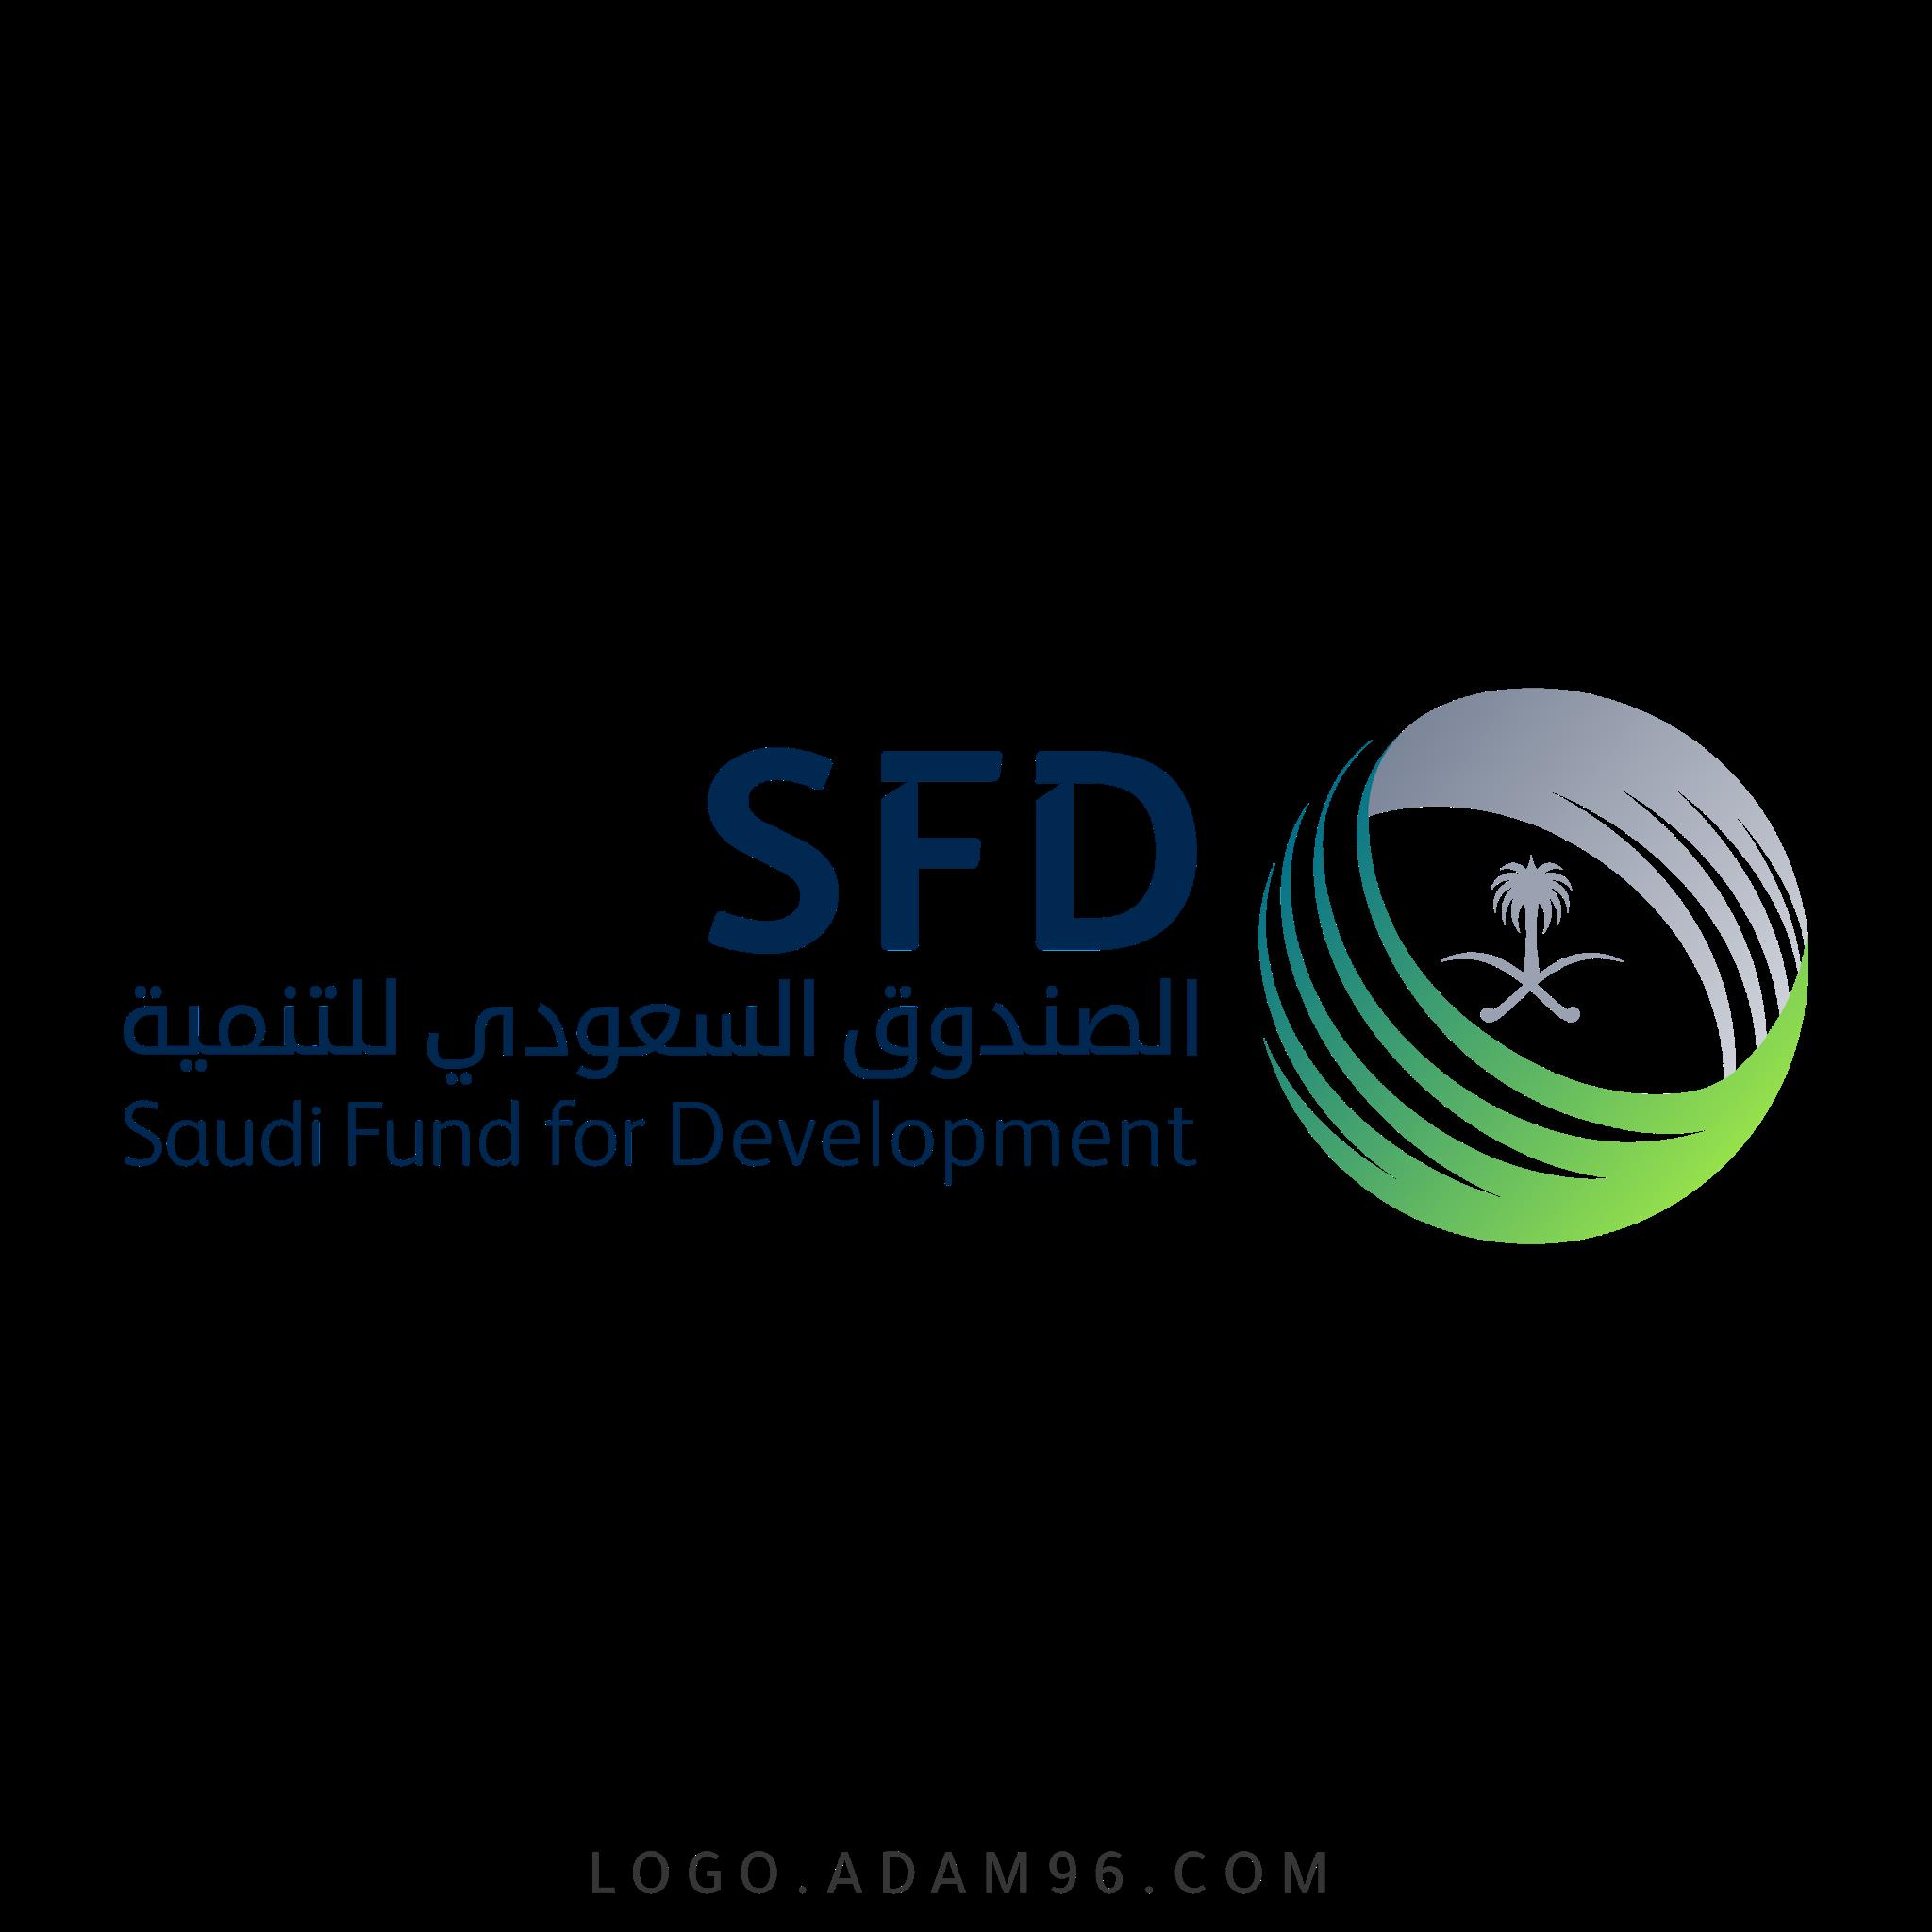 تحميل شعار الصندوق السعودي للتنمية لوجو رسمي عالي الجودة PNG